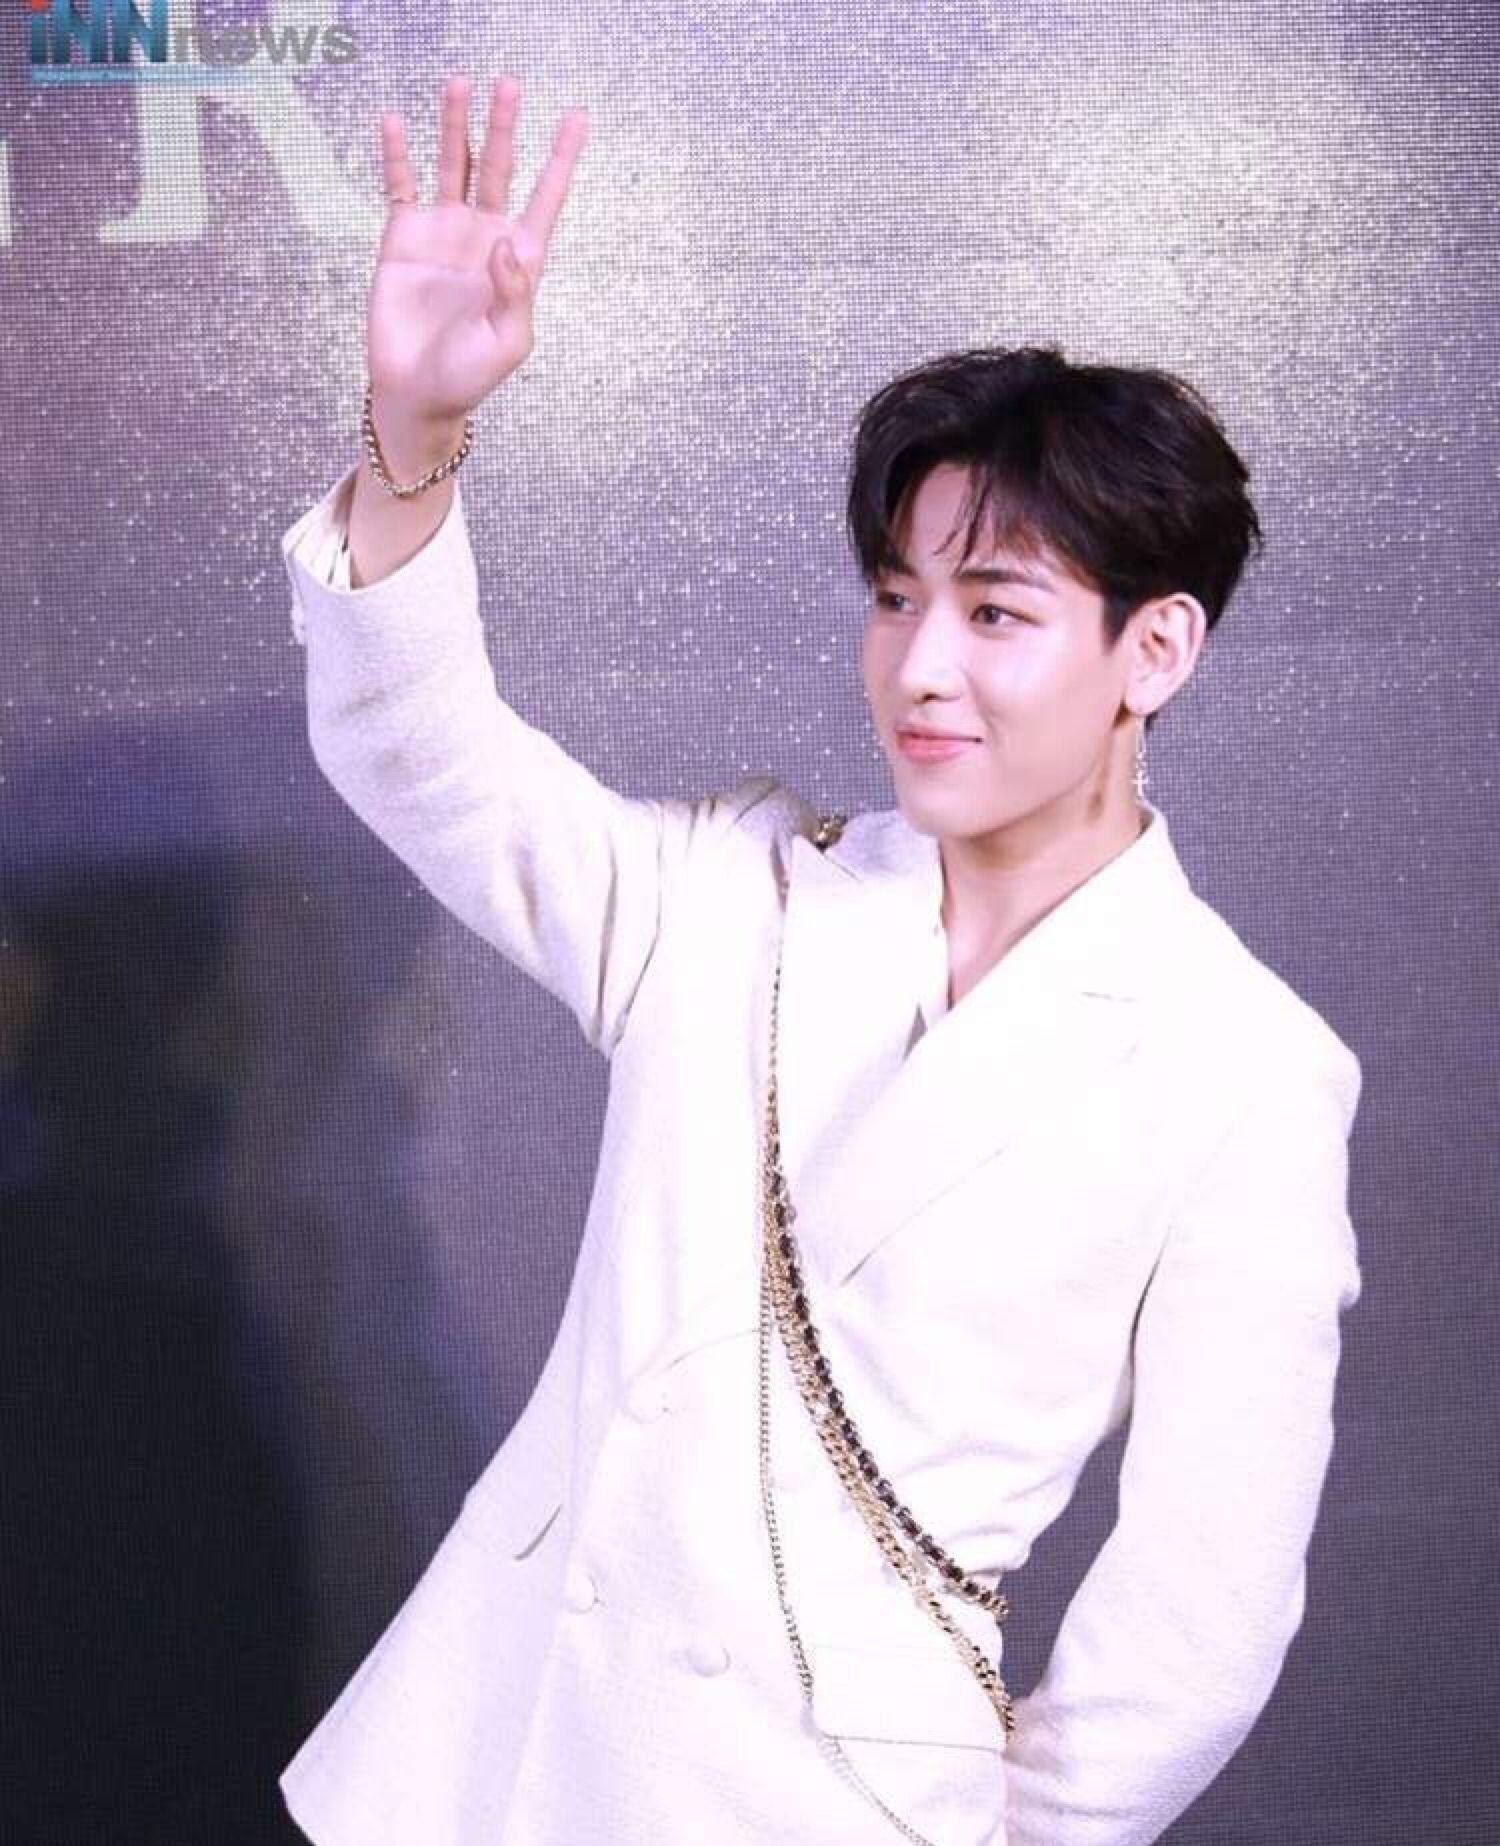 Bambam Prince Of Thailand He Looks Like Royalty Bambam Korean Idol Prince Of Thailand